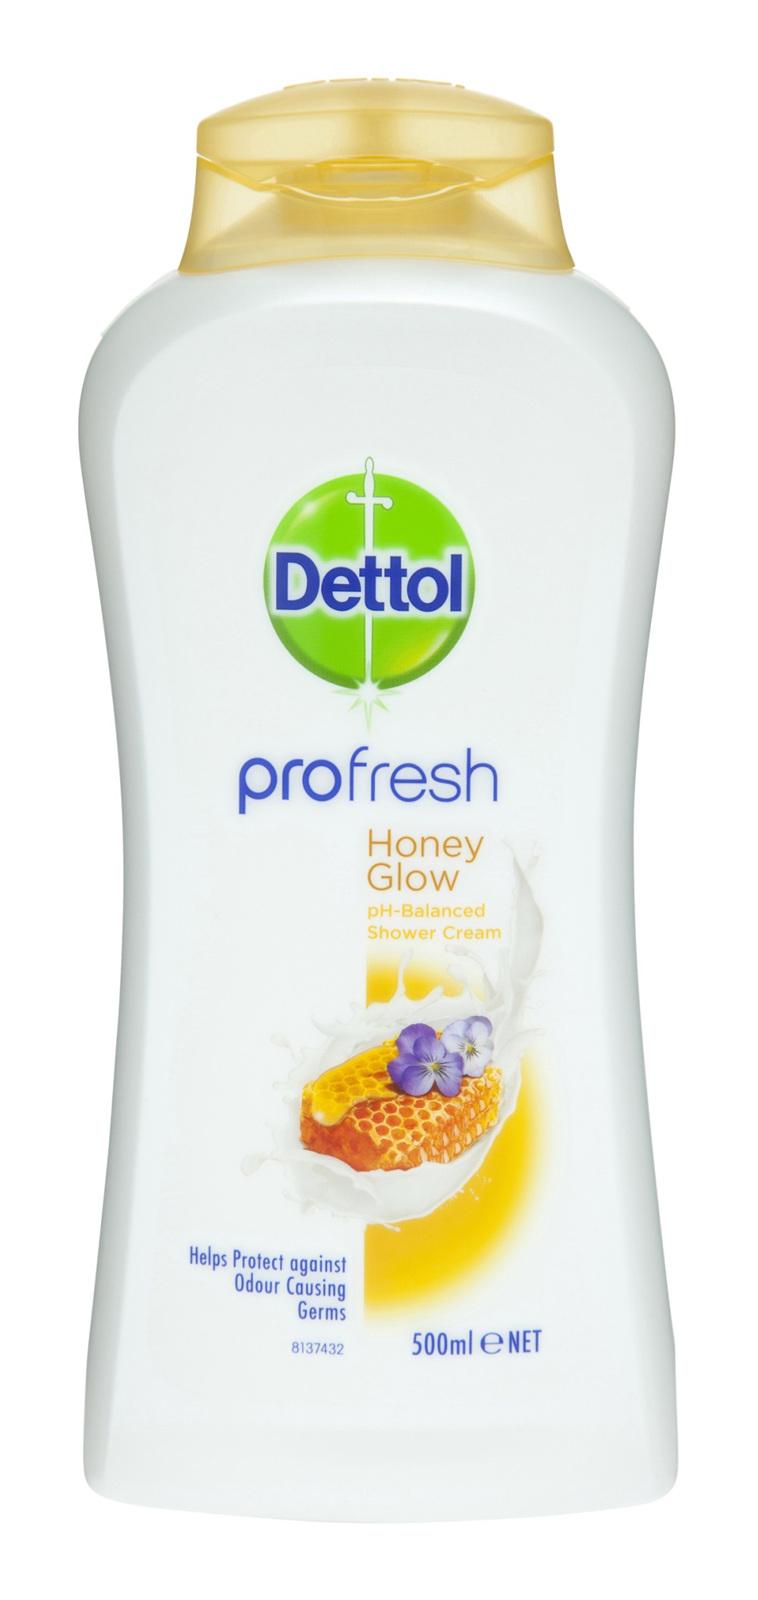 Dettol Profresh Shower Gel Cream Honey Glow Body Wash 500ml Rb Detol Bodywash